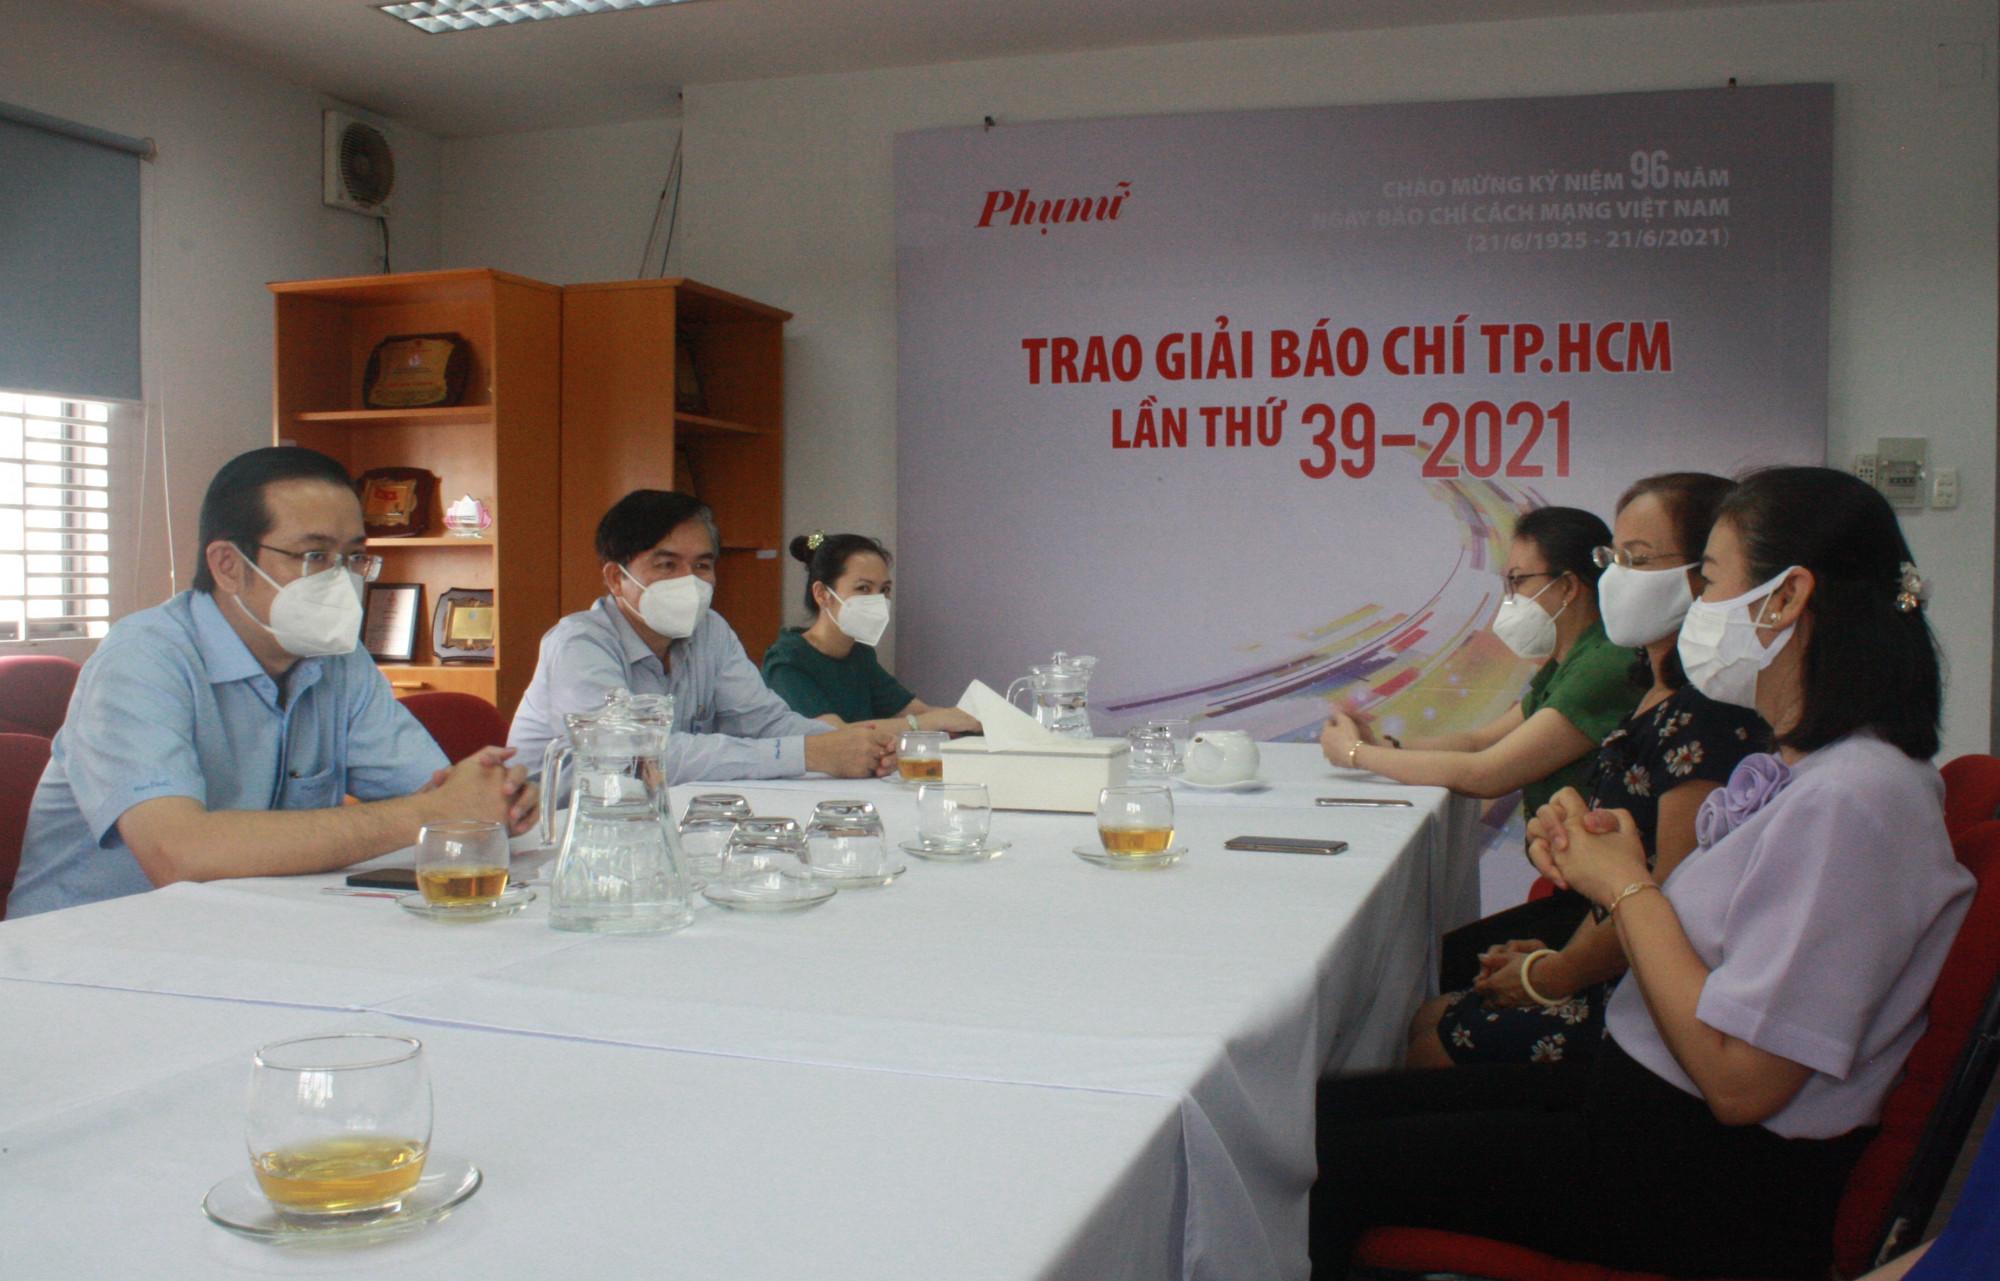 Ban Tuyên giáo Thành ủy TPHCM thăm hỏi, trao qùa động viên phóng viên Báo Phụ Nữ TPHCM bị nhiễm COVID-19. Ảnh: Quốc Ngọc